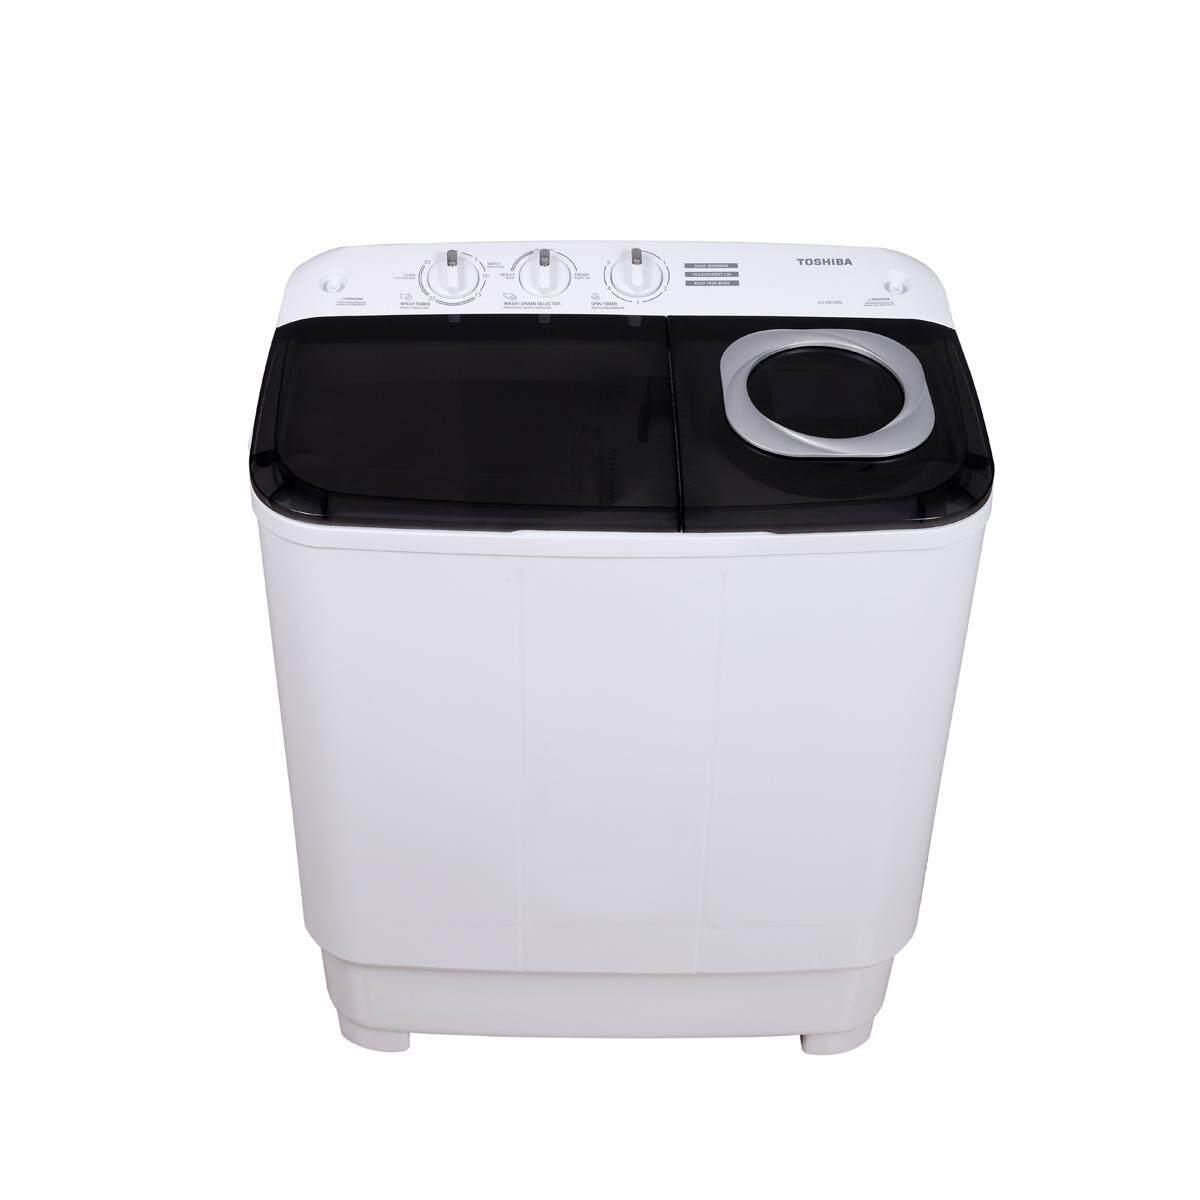 TOSHIBA เครื่องซักผ้า 2 ถัง ขนาด 8.5 กิโลกรัม VH-H95MT ราคาถูก